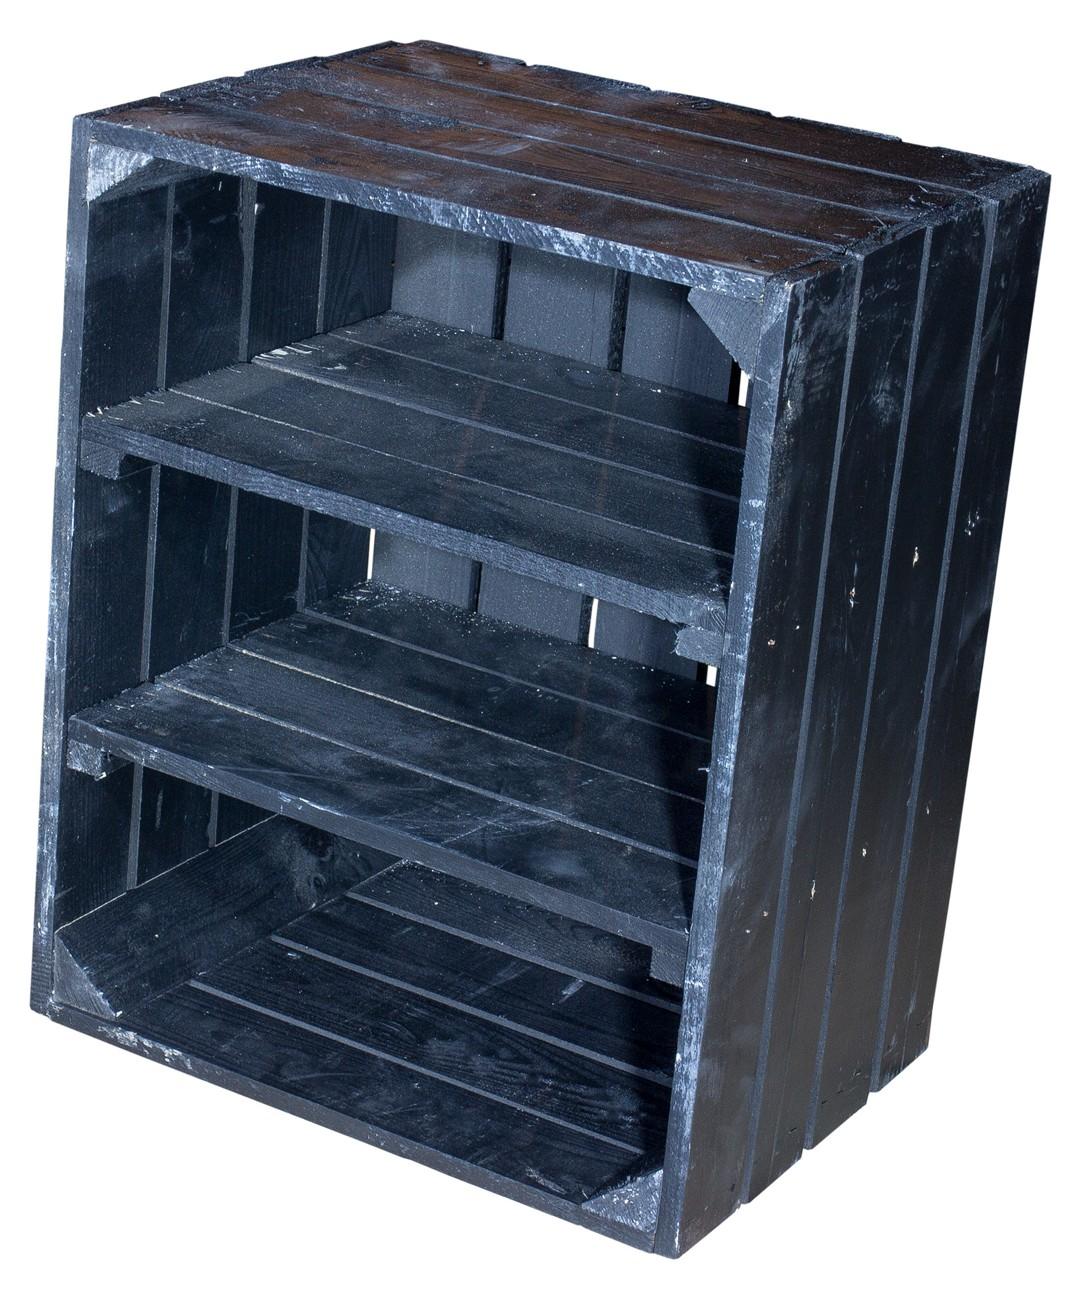 Schwarze Holzkiste mit 2 schwarzen Mittelbrettern -quer- 50x40x30cm